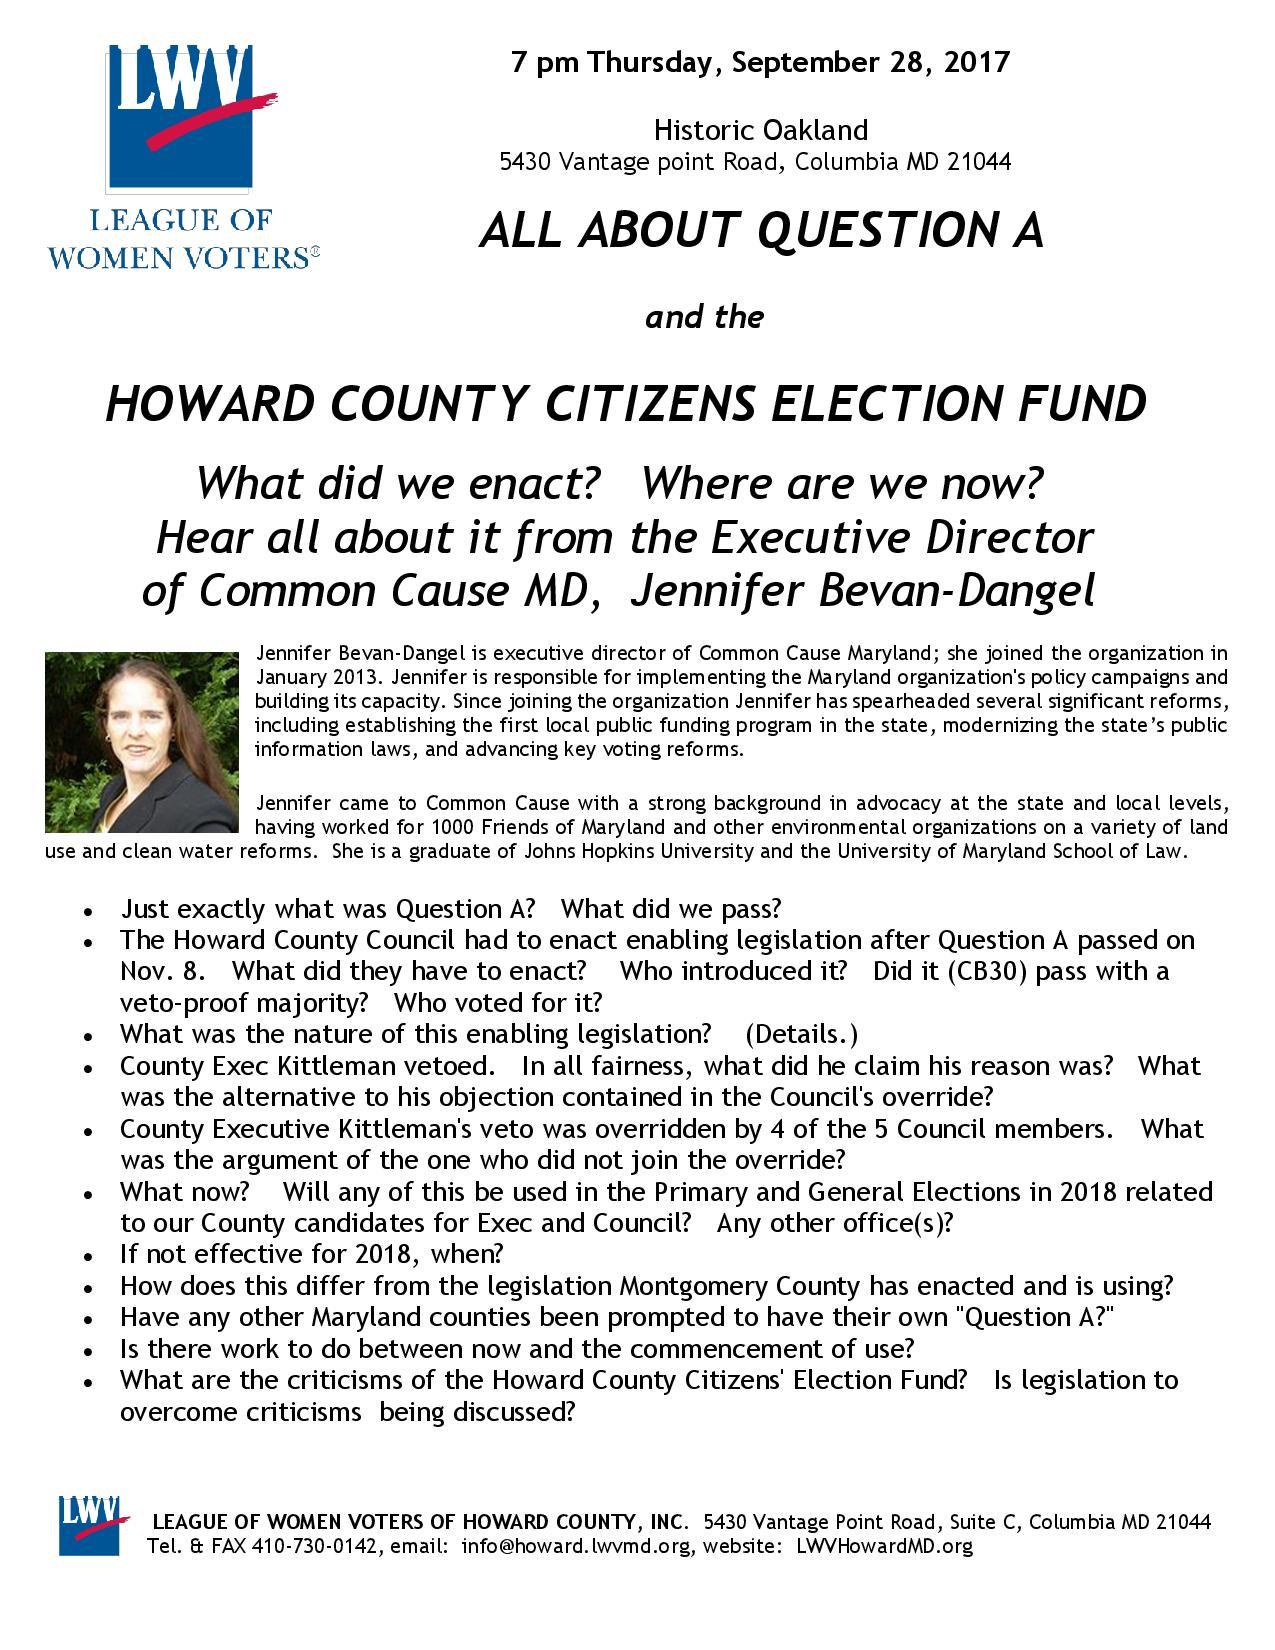 2017_9-28_Flier--Cit_Elect_Fund-page-001.jpg